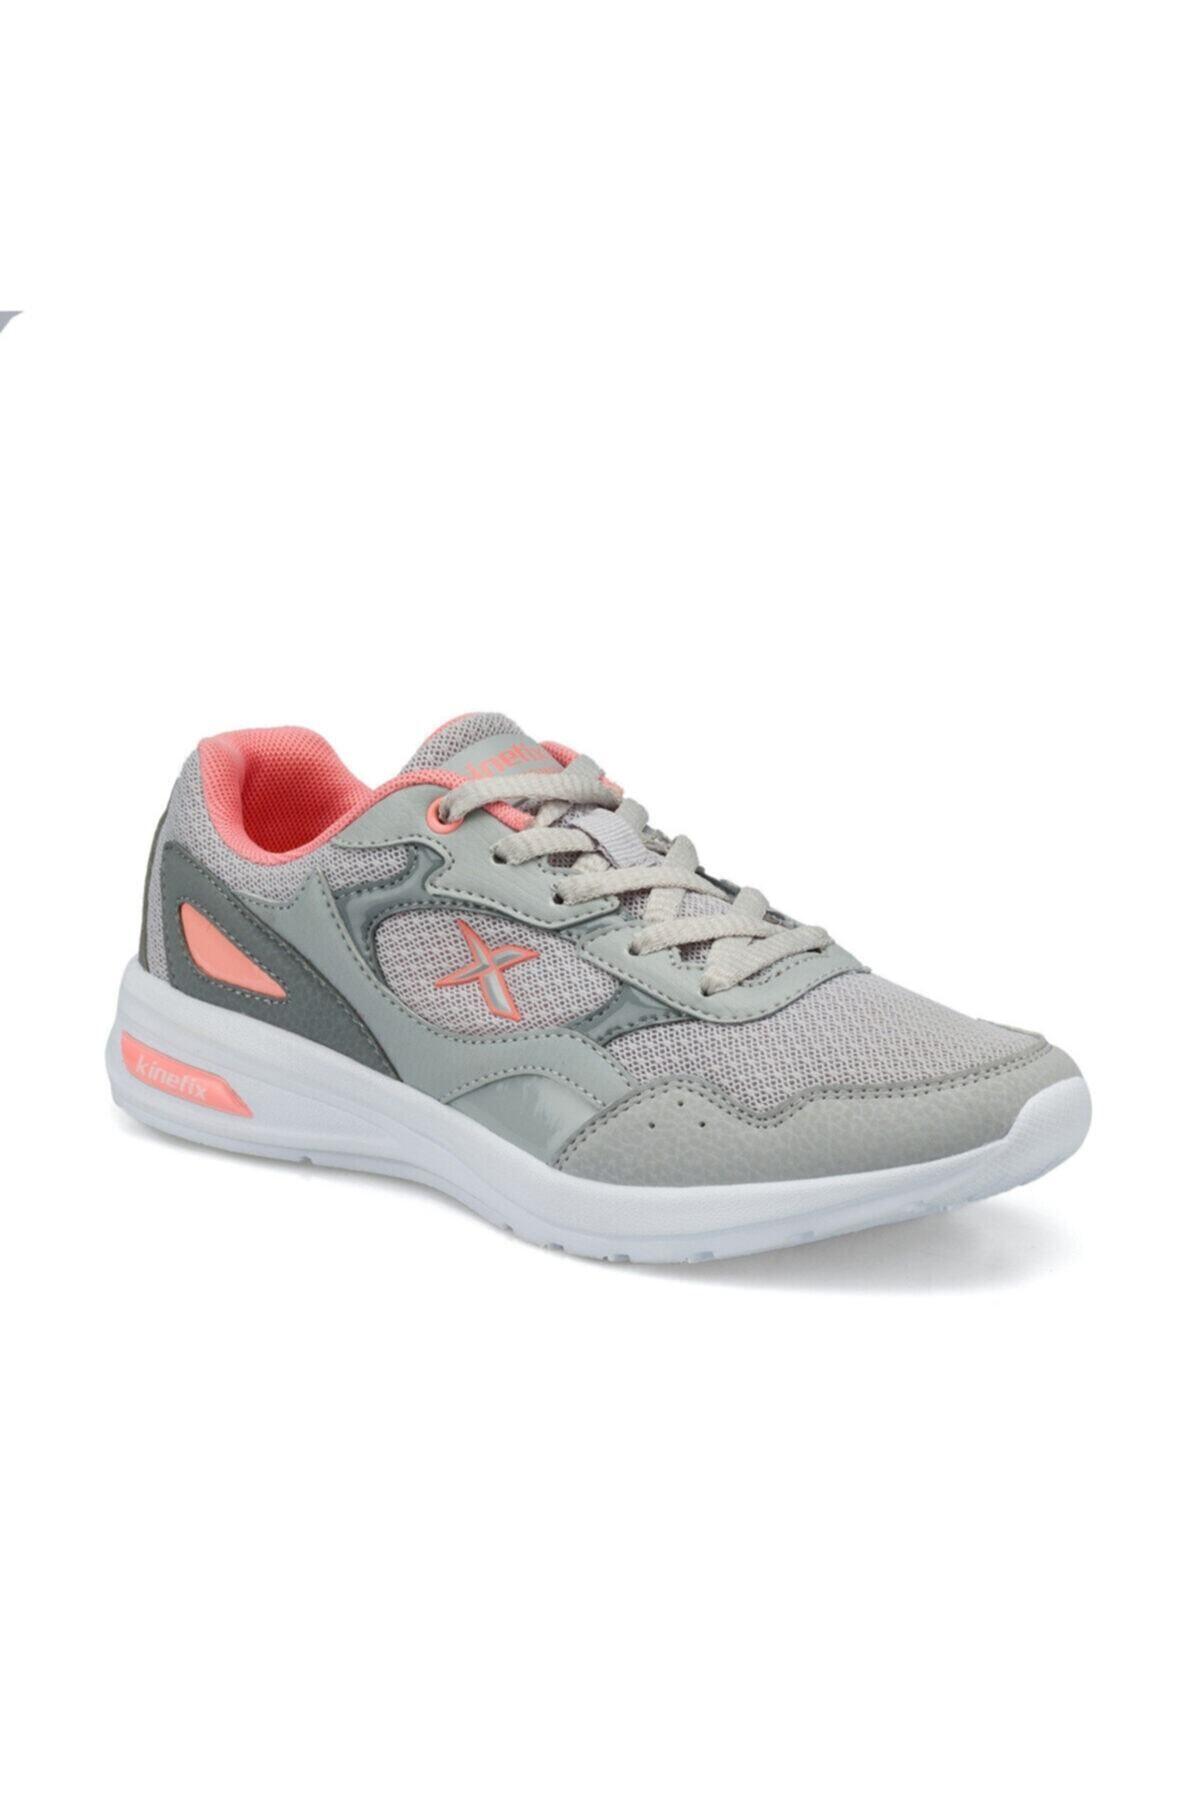 کفش مخصوص دویدن زنانه سال ۹۹ برند کینتیکس kinetix رنگ نقره ای کد ty43496436